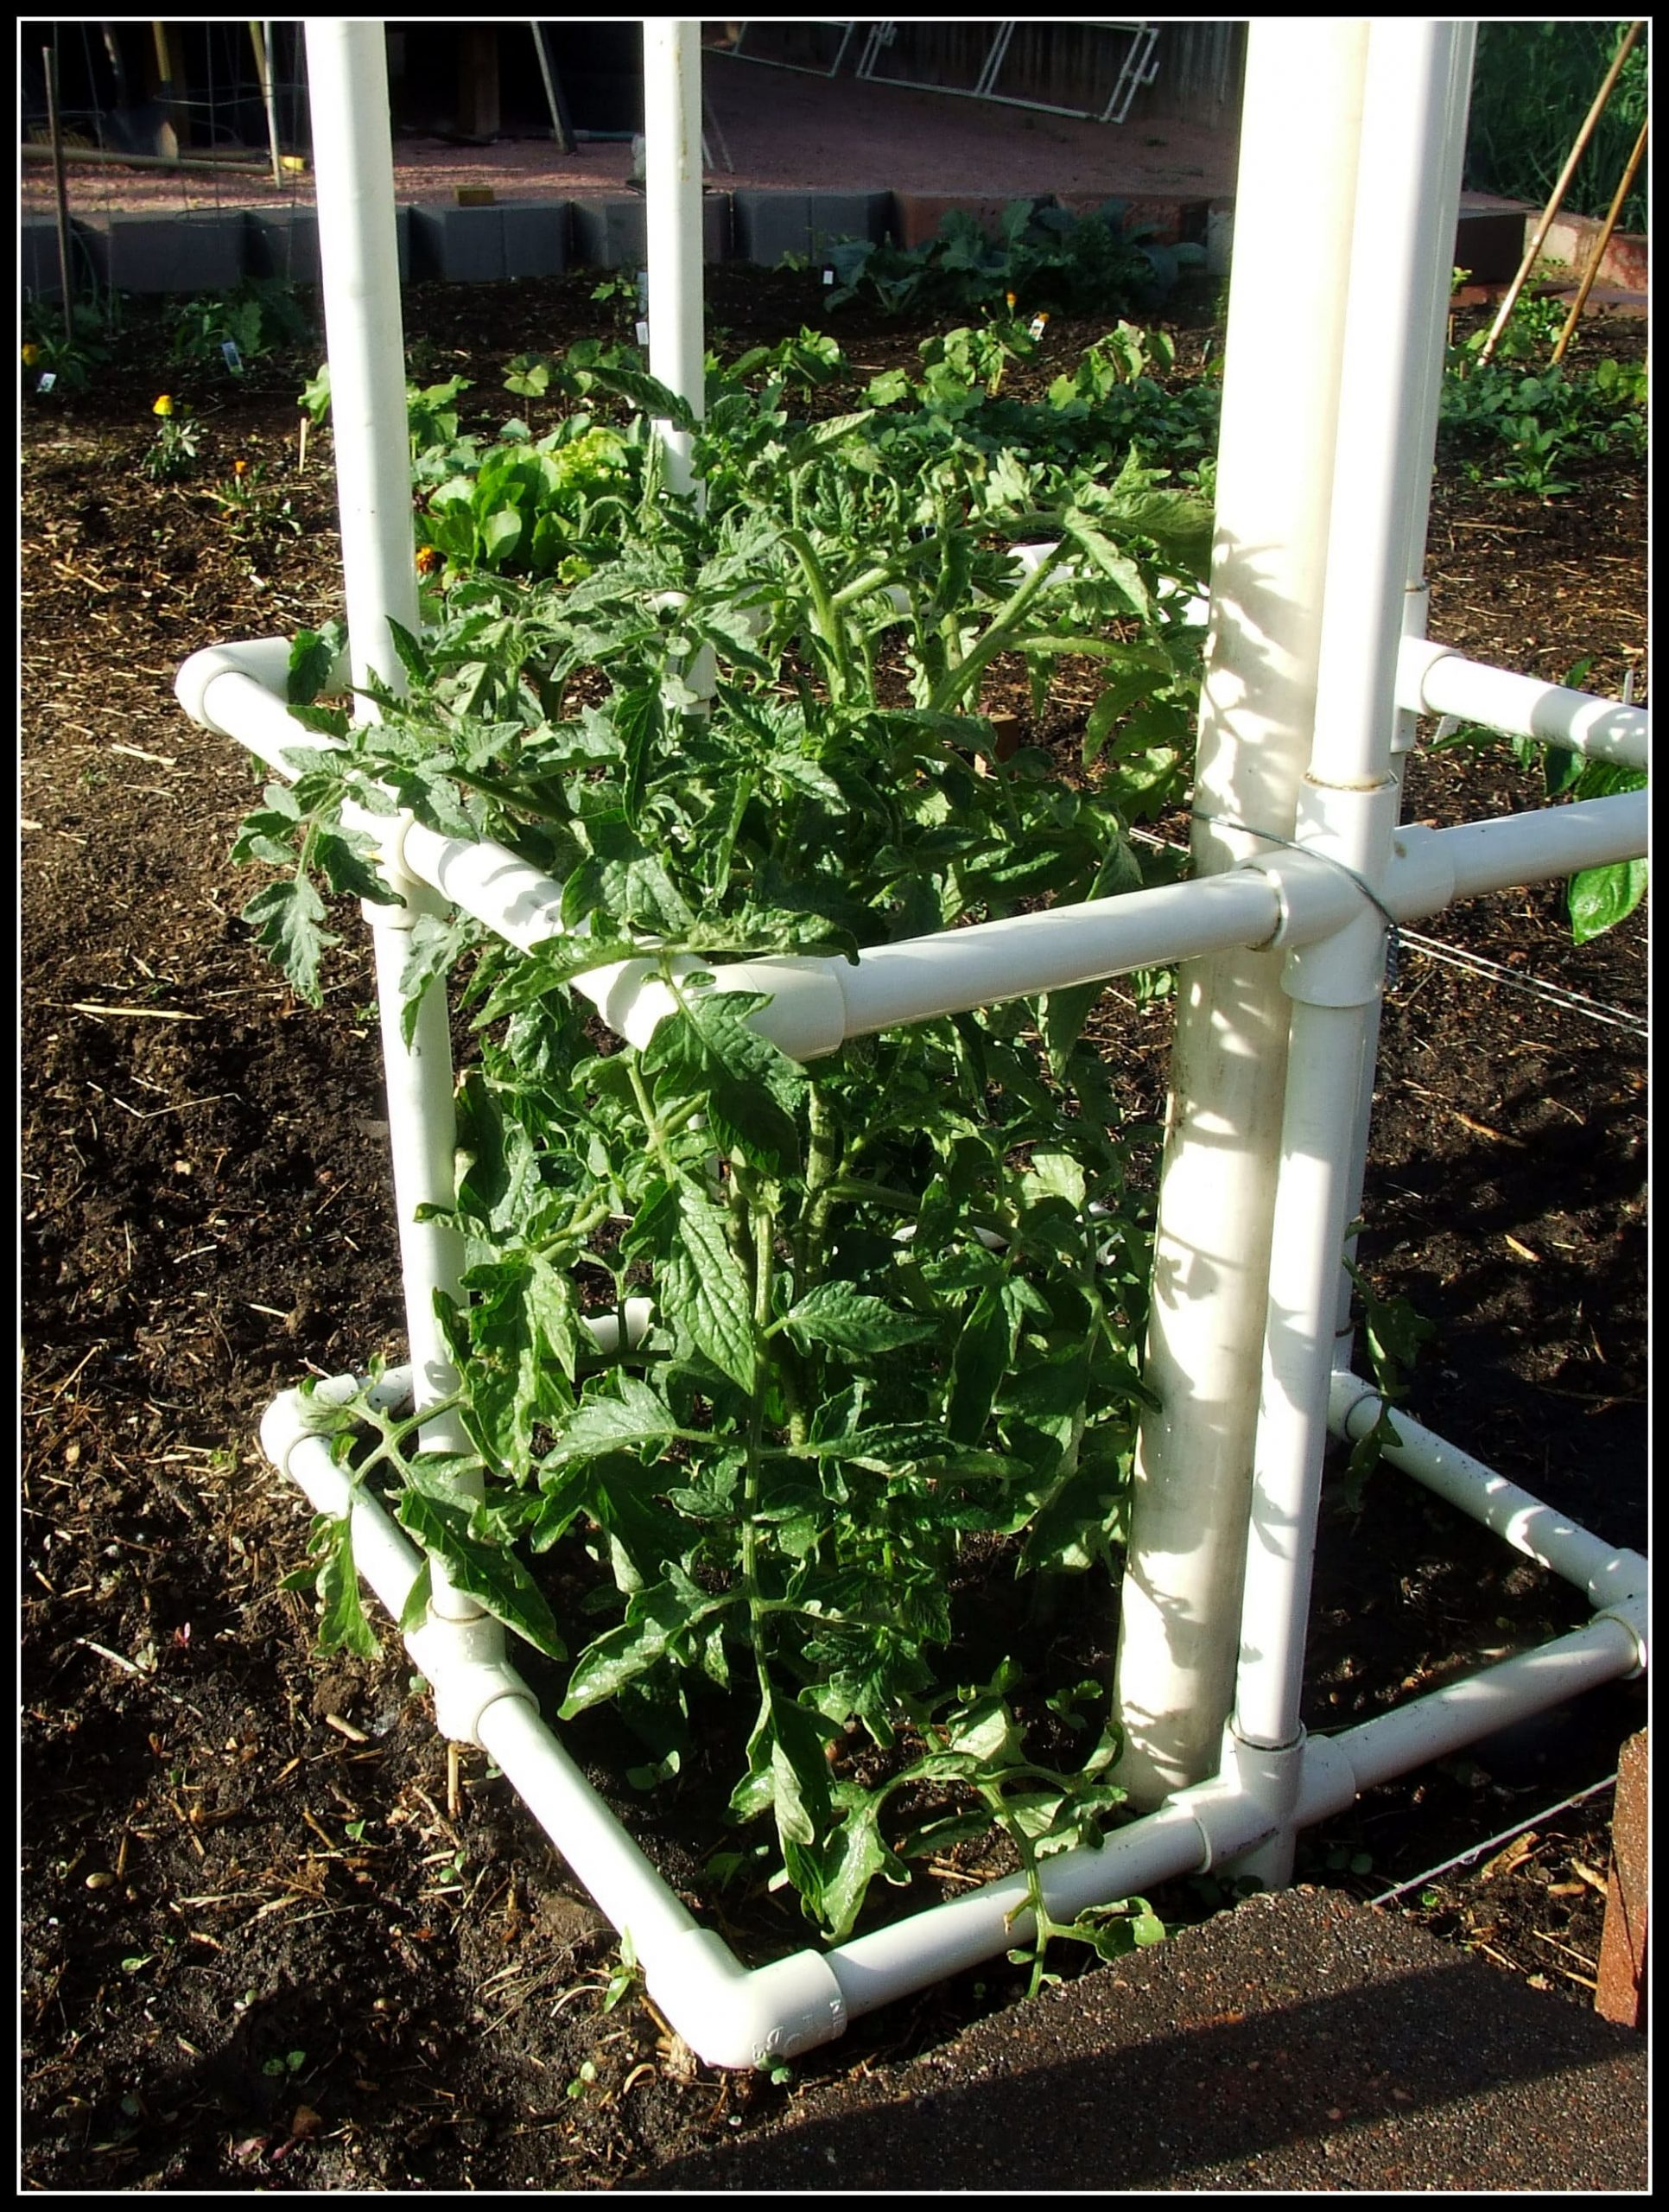 7.Simphome.com PVC Pipe Tomato Cage 2